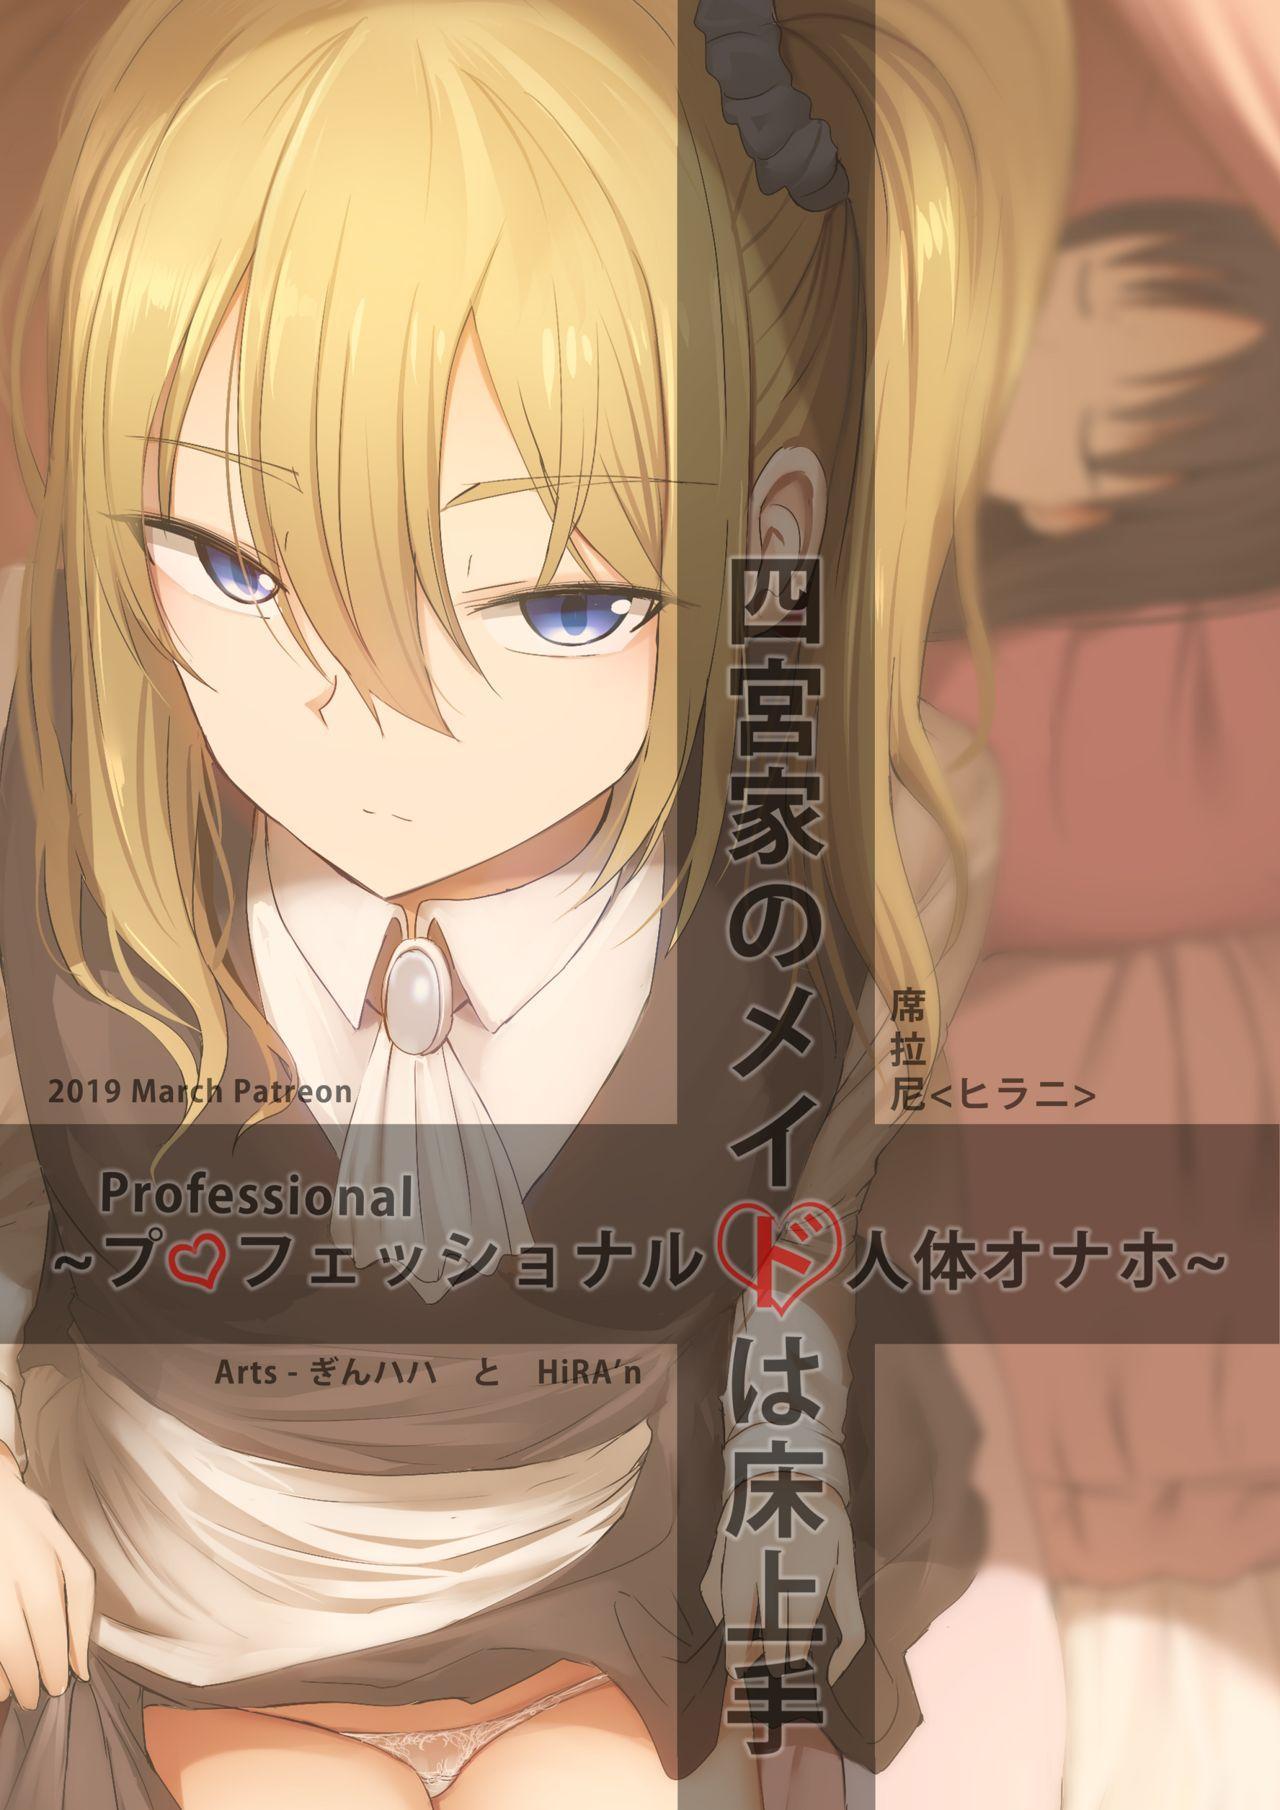 Shinomiya no Maid wa Tokojyouzu~ Professional Jintai Onahole 17